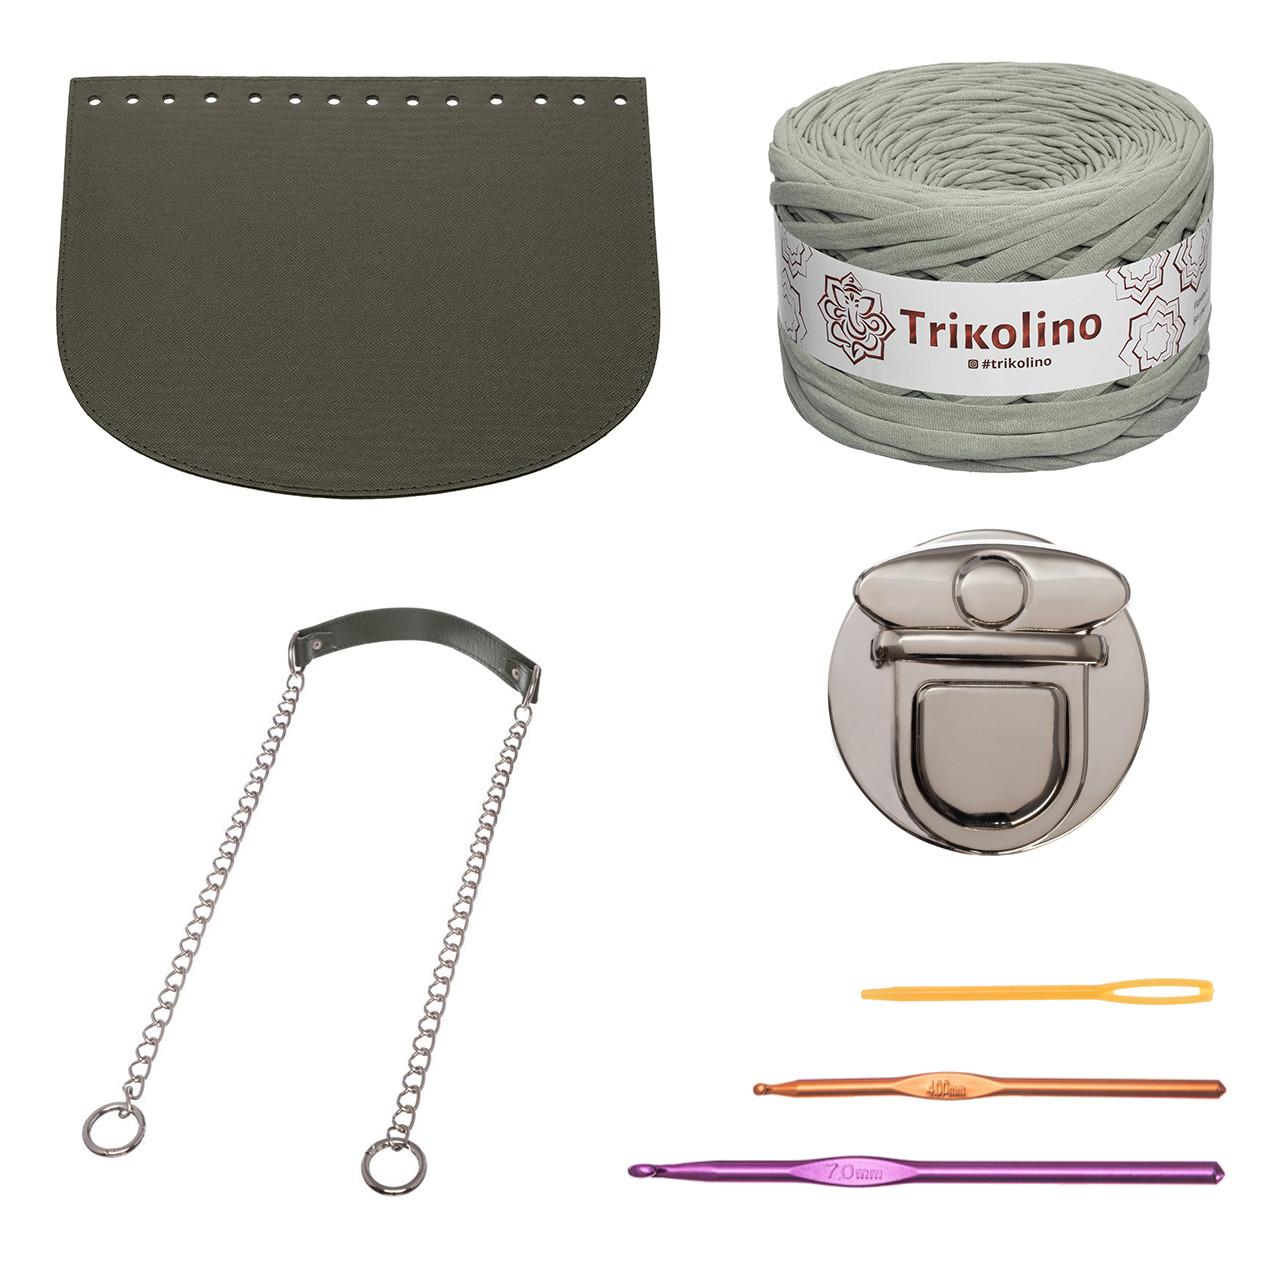 Набор для сумки-ракушки Орео МАКСИ Хаки+Оливковый, фурнитура серебро